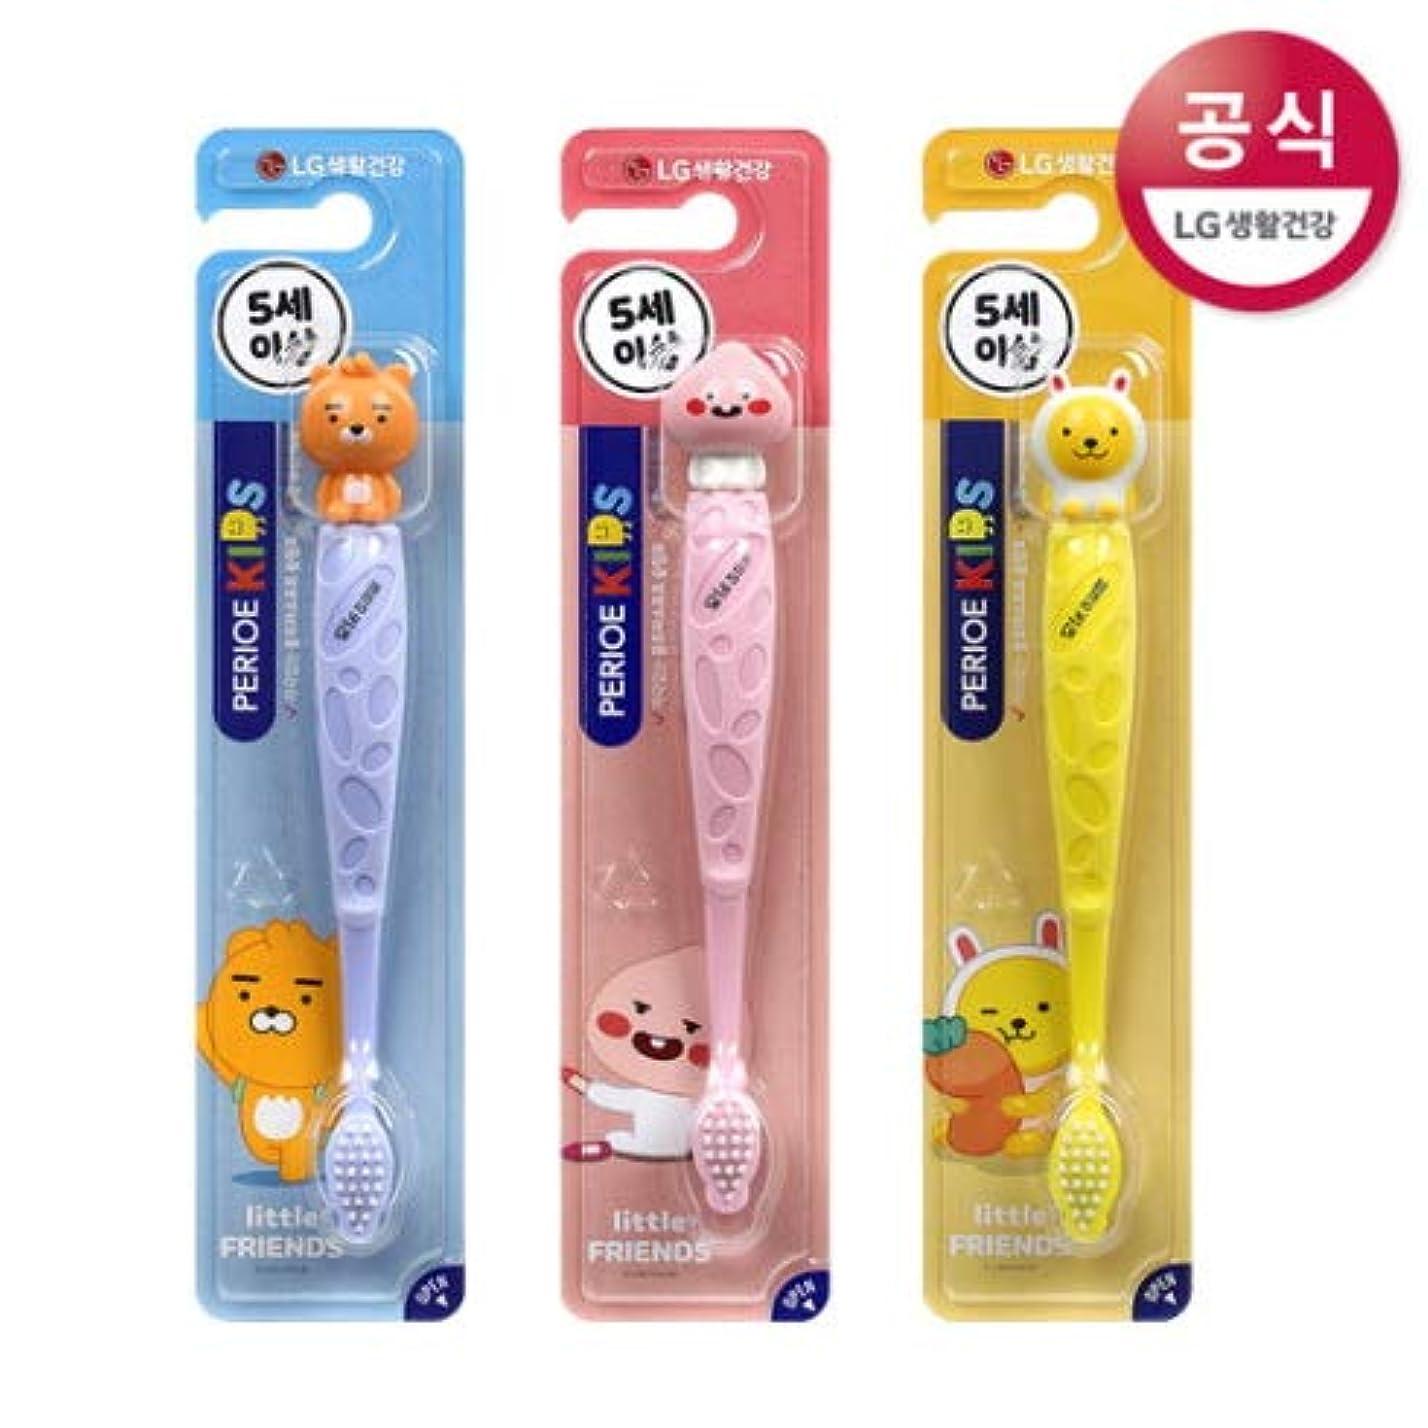 よりピジンブリッジ[LG HnB] Pero Kids Cocoa Figure Toothbrush/ペリオ子供カカオフィギュア歯ブラシ 1口x3個(海外直送品)